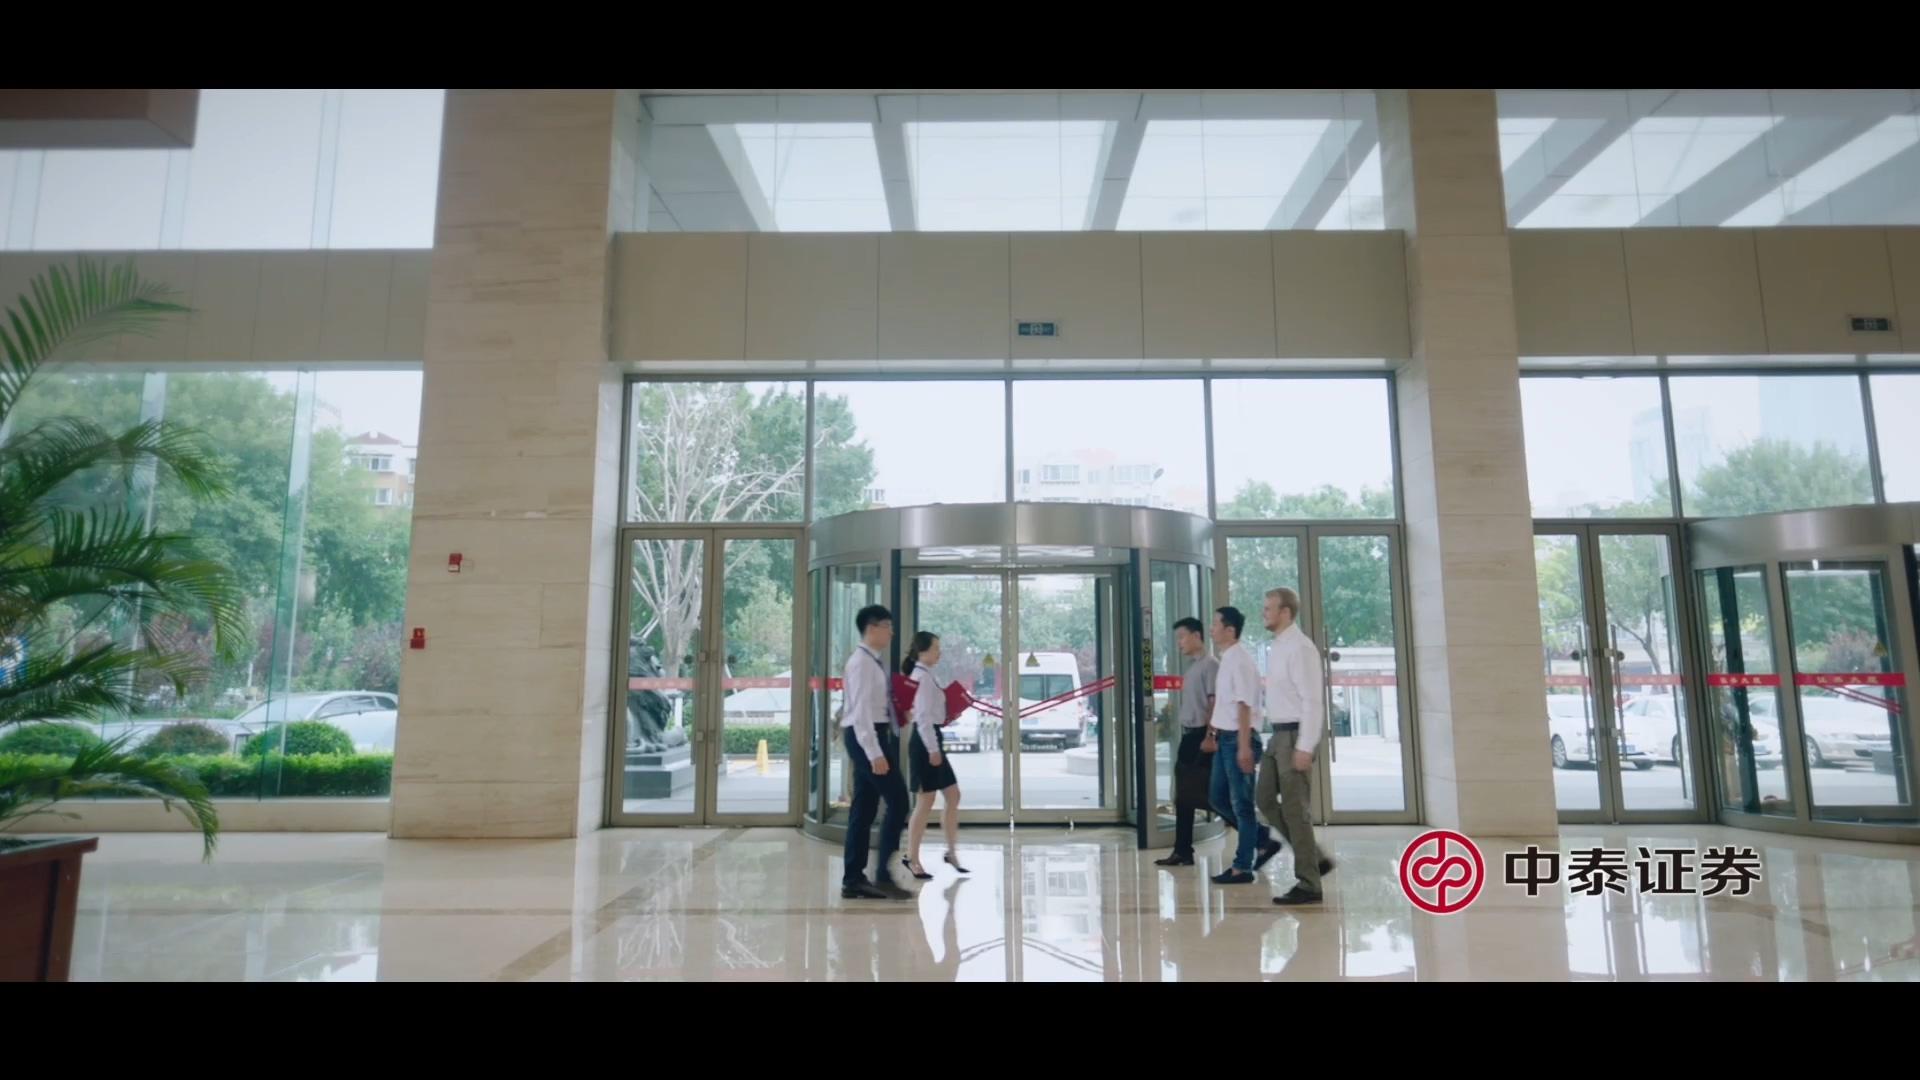 上海活动宣传片便宜 值得信赖 上海知映文化传媒供应